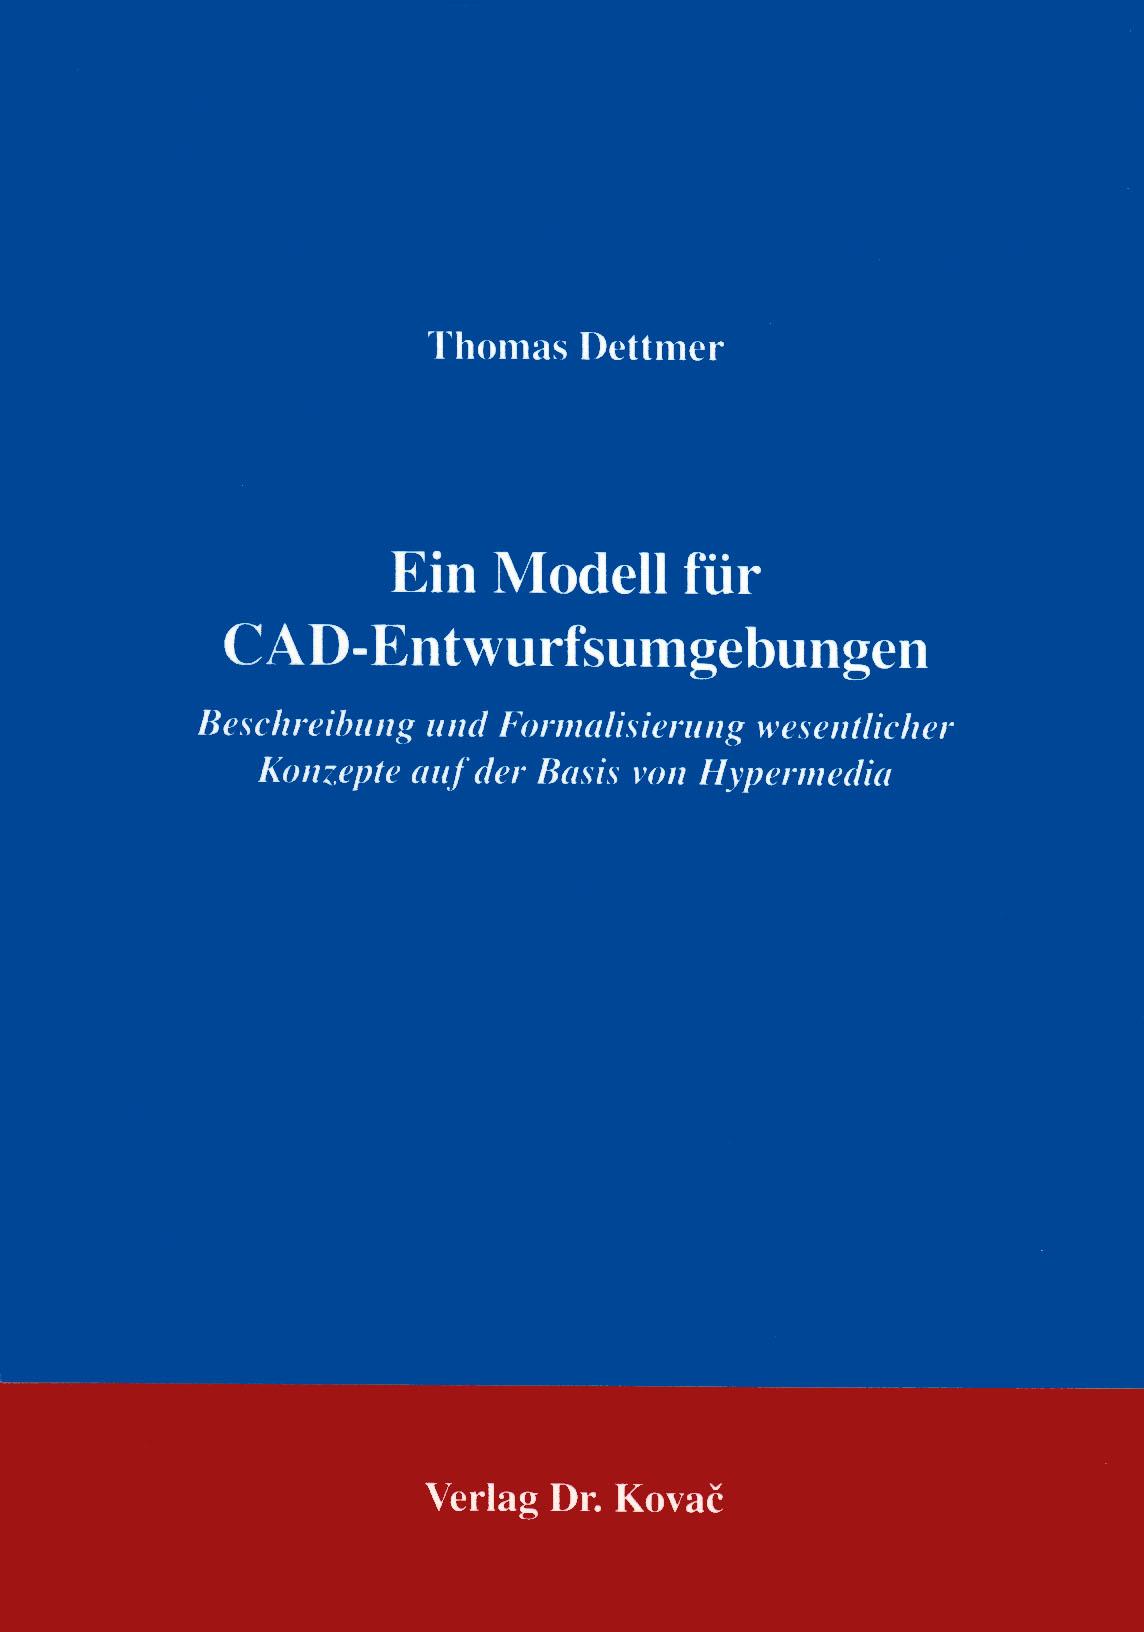 Cover: Ein Modell für CAD-Entwurfsumgebungen